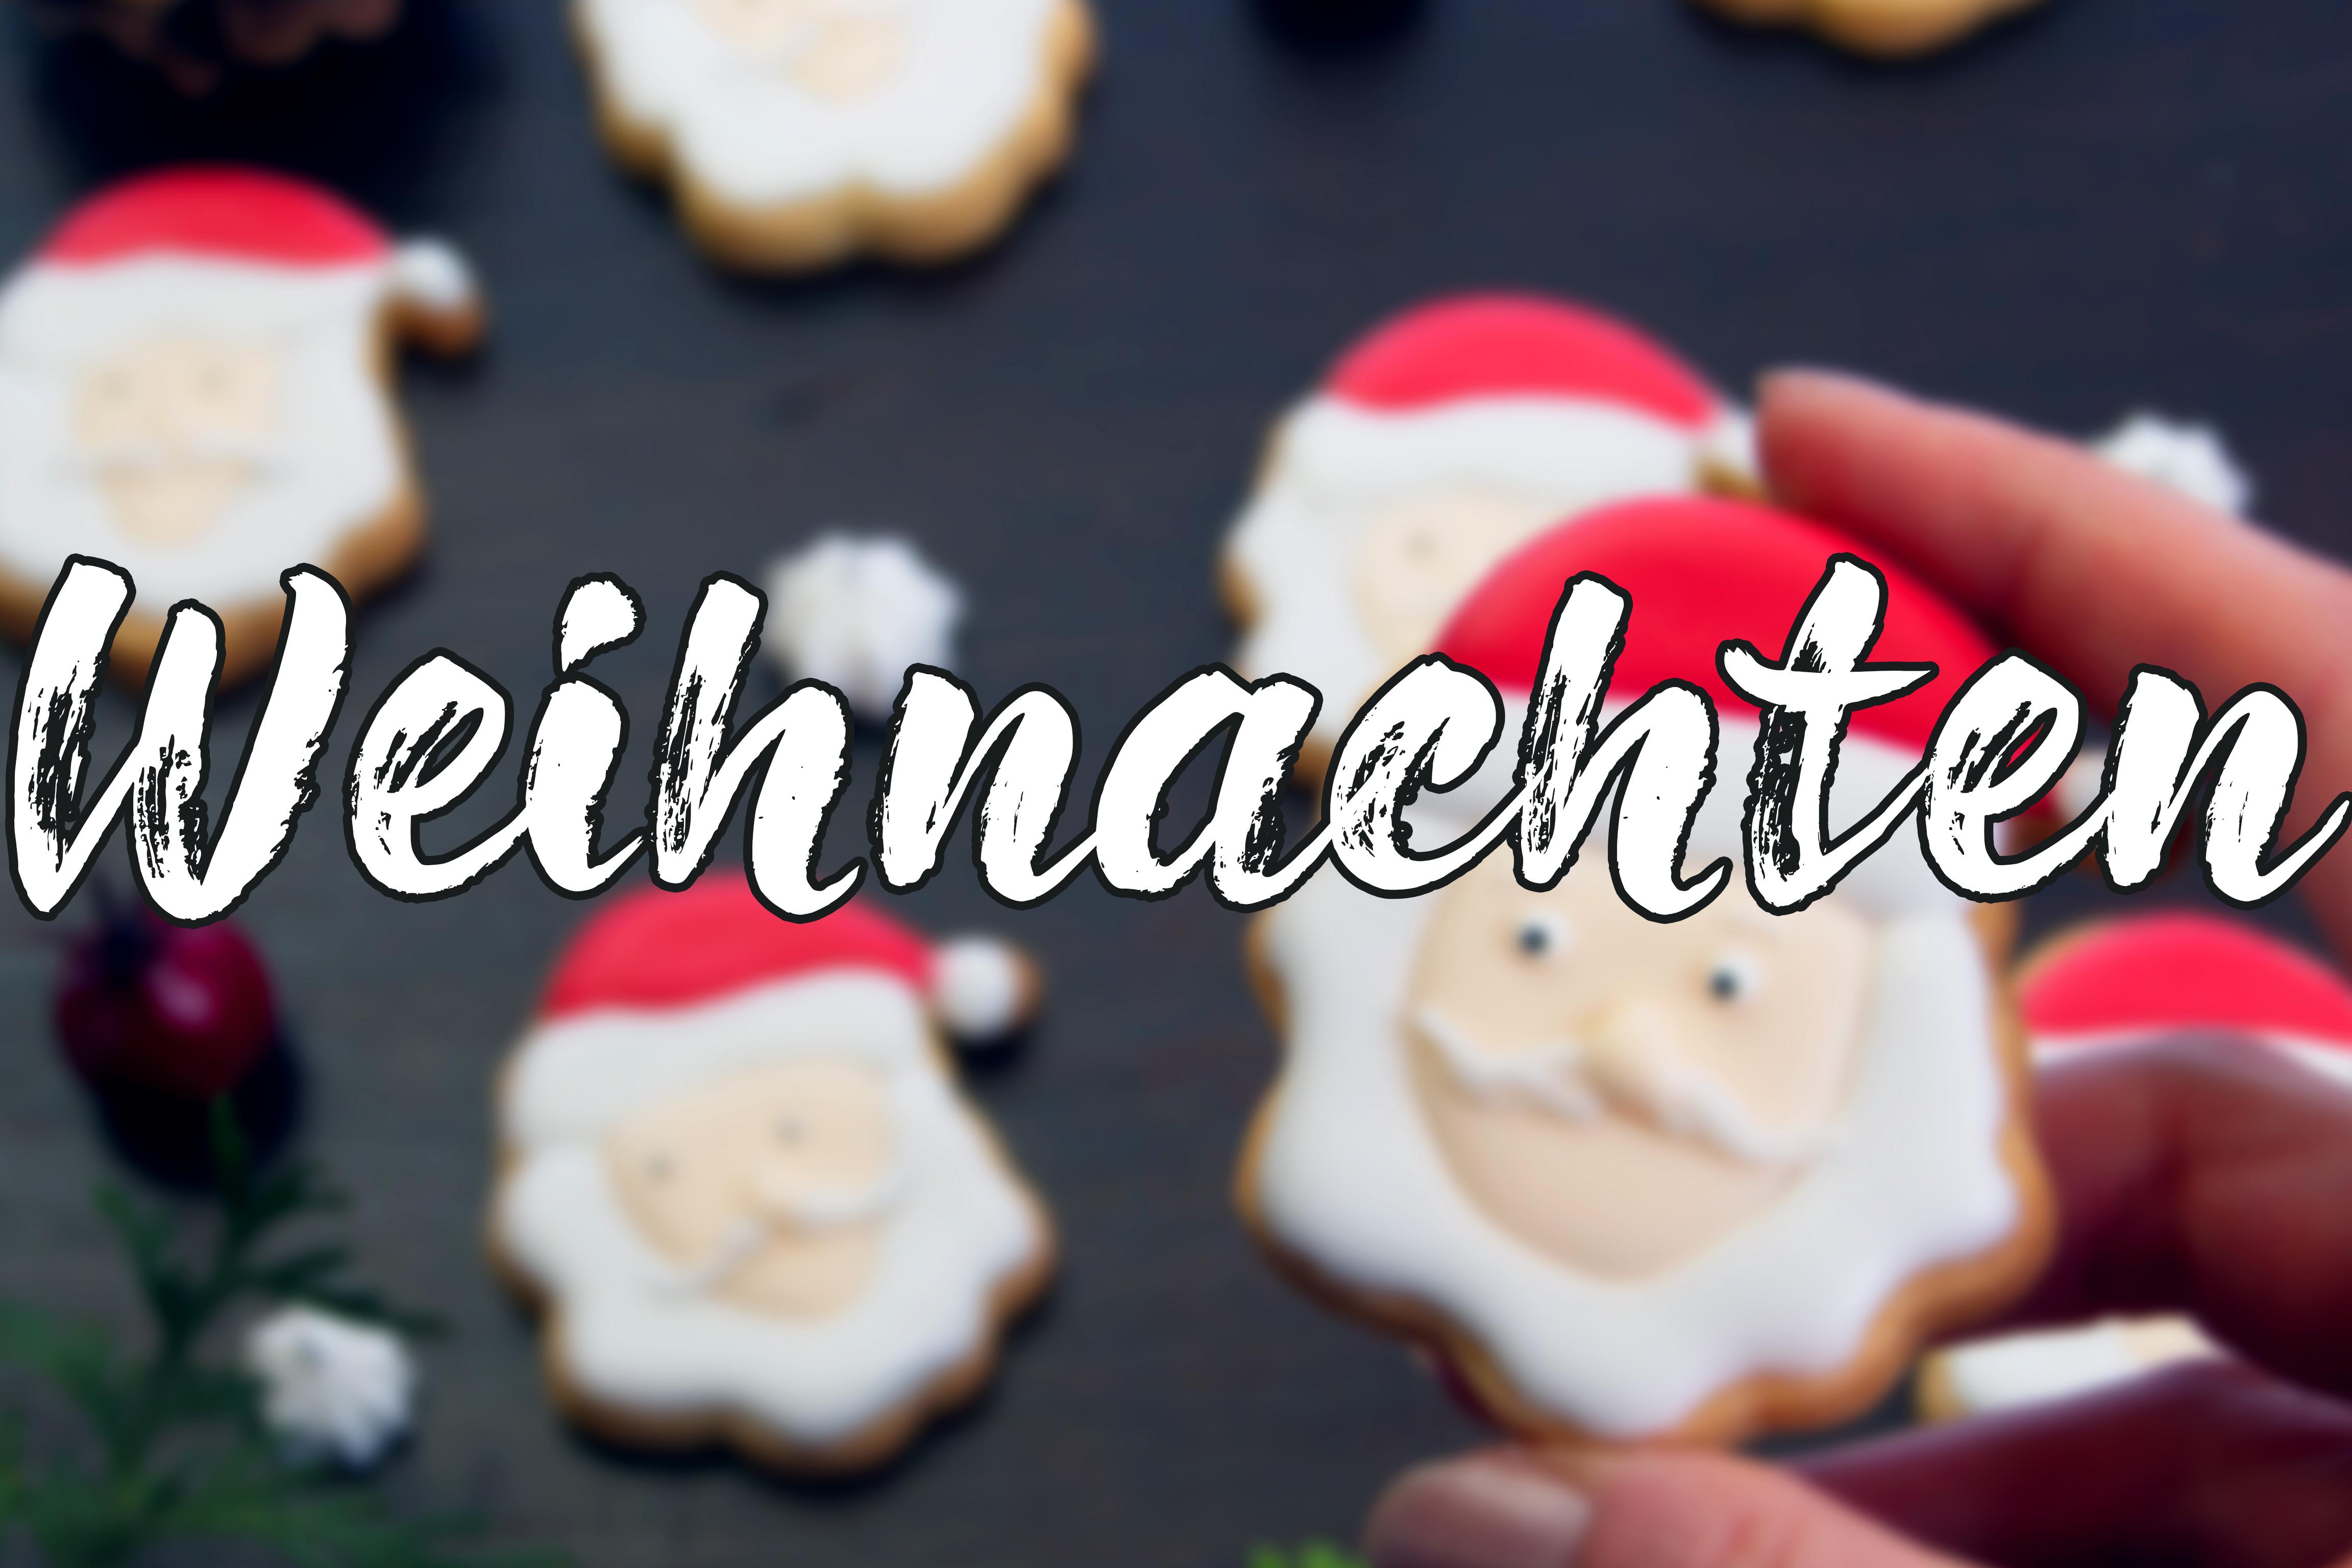 Weihnachten, Weihnachtsbäckerei, Weihnachtsrezepte, rezepte für weihnachten, plätzchen